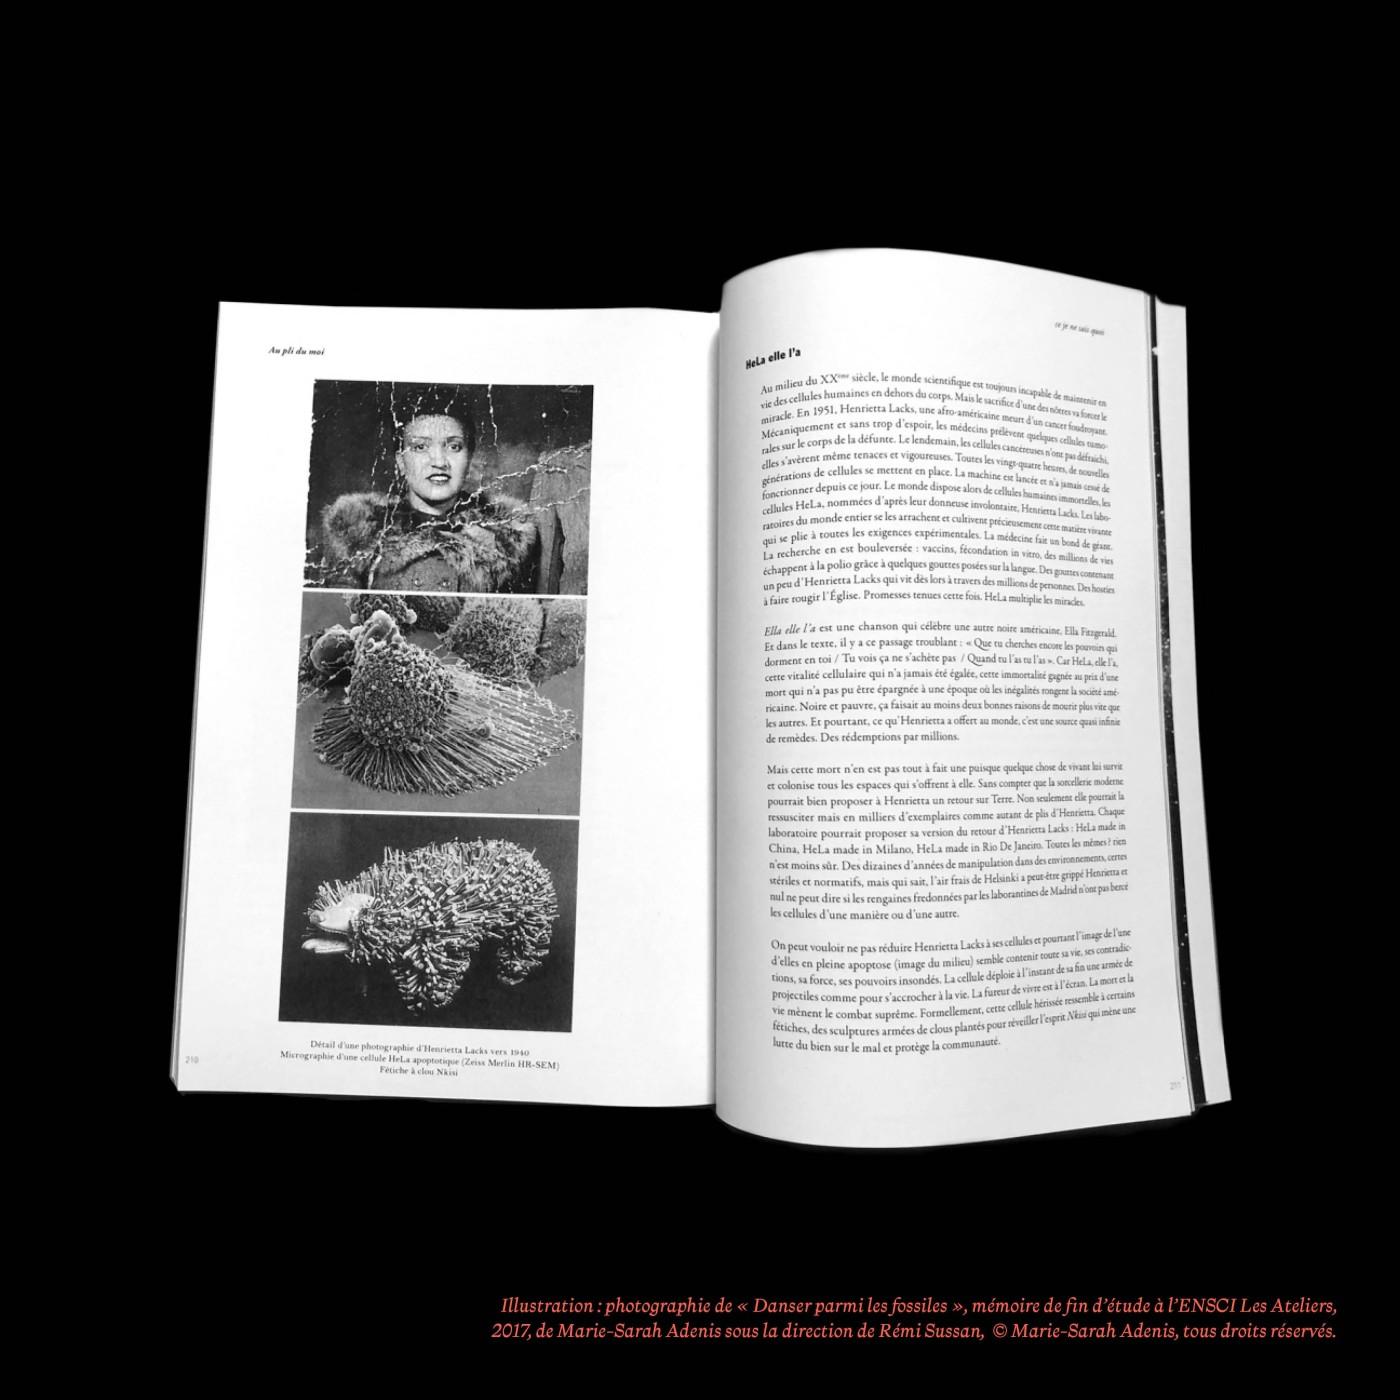 « HeLA Elle l'a », dans le chapitre « Au pli de moi », Danser parmi les fossiles, Marie-Sarah Adenis